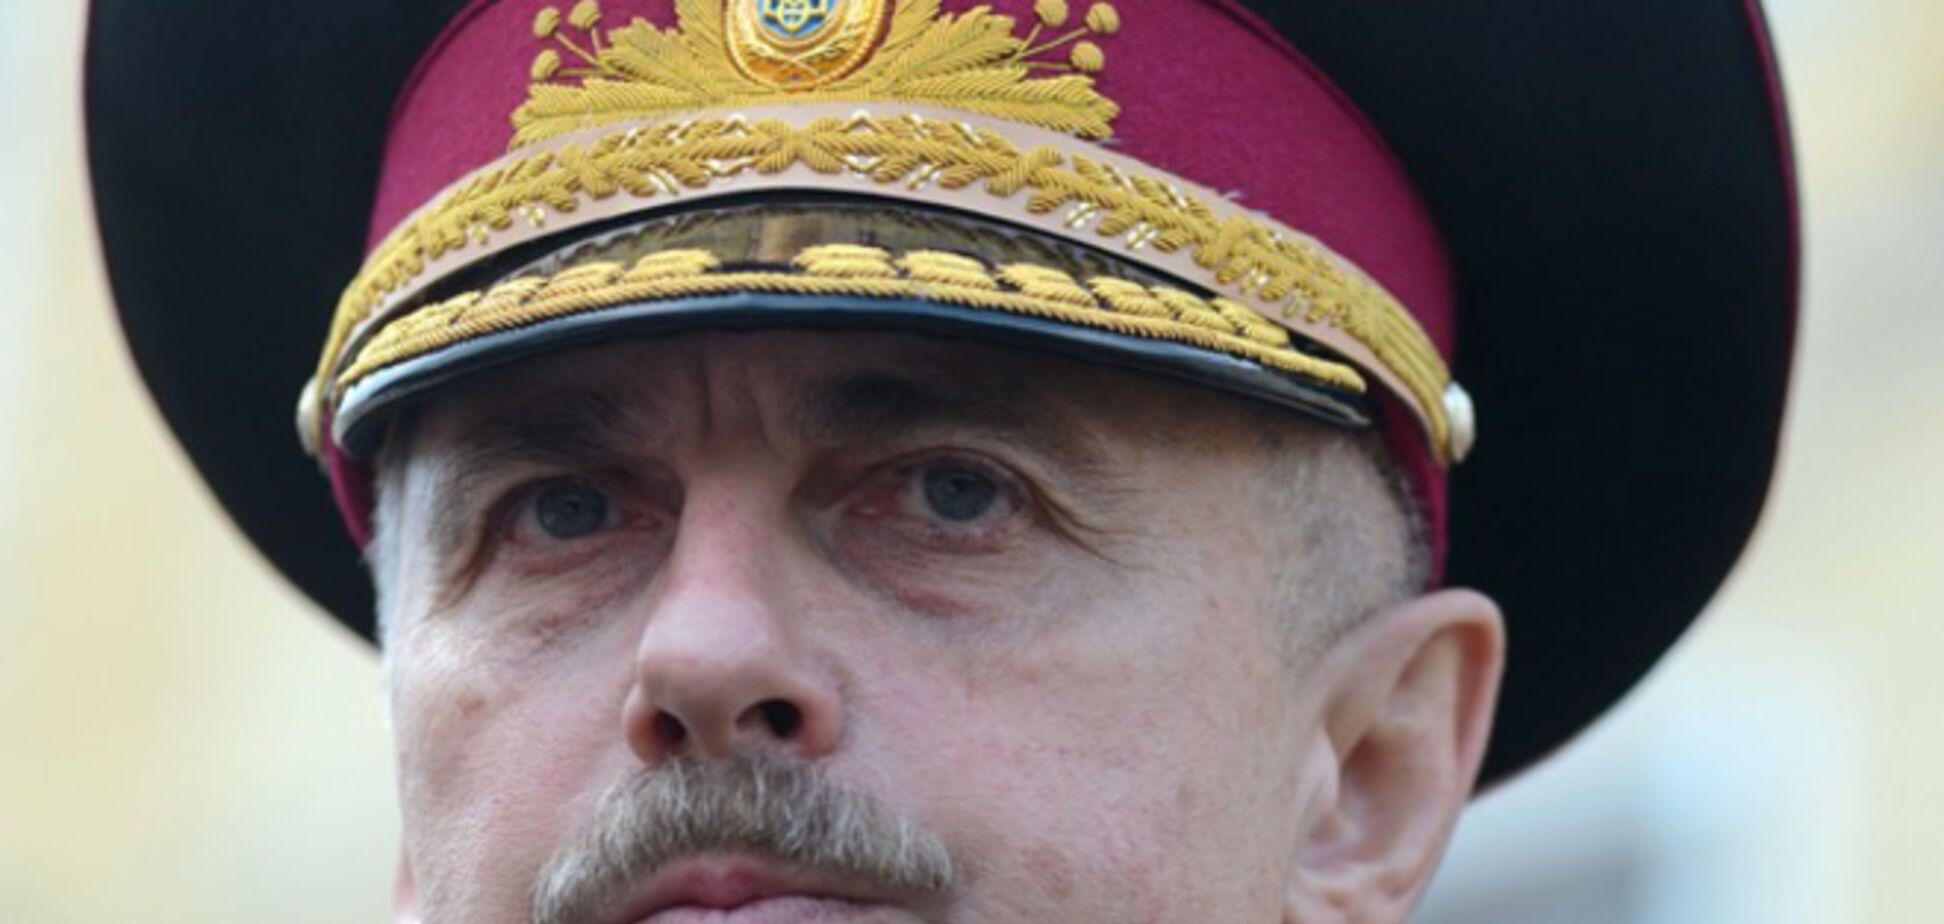 И.о. министра обороны объяснил, почему в террористов не стреляют из минометов